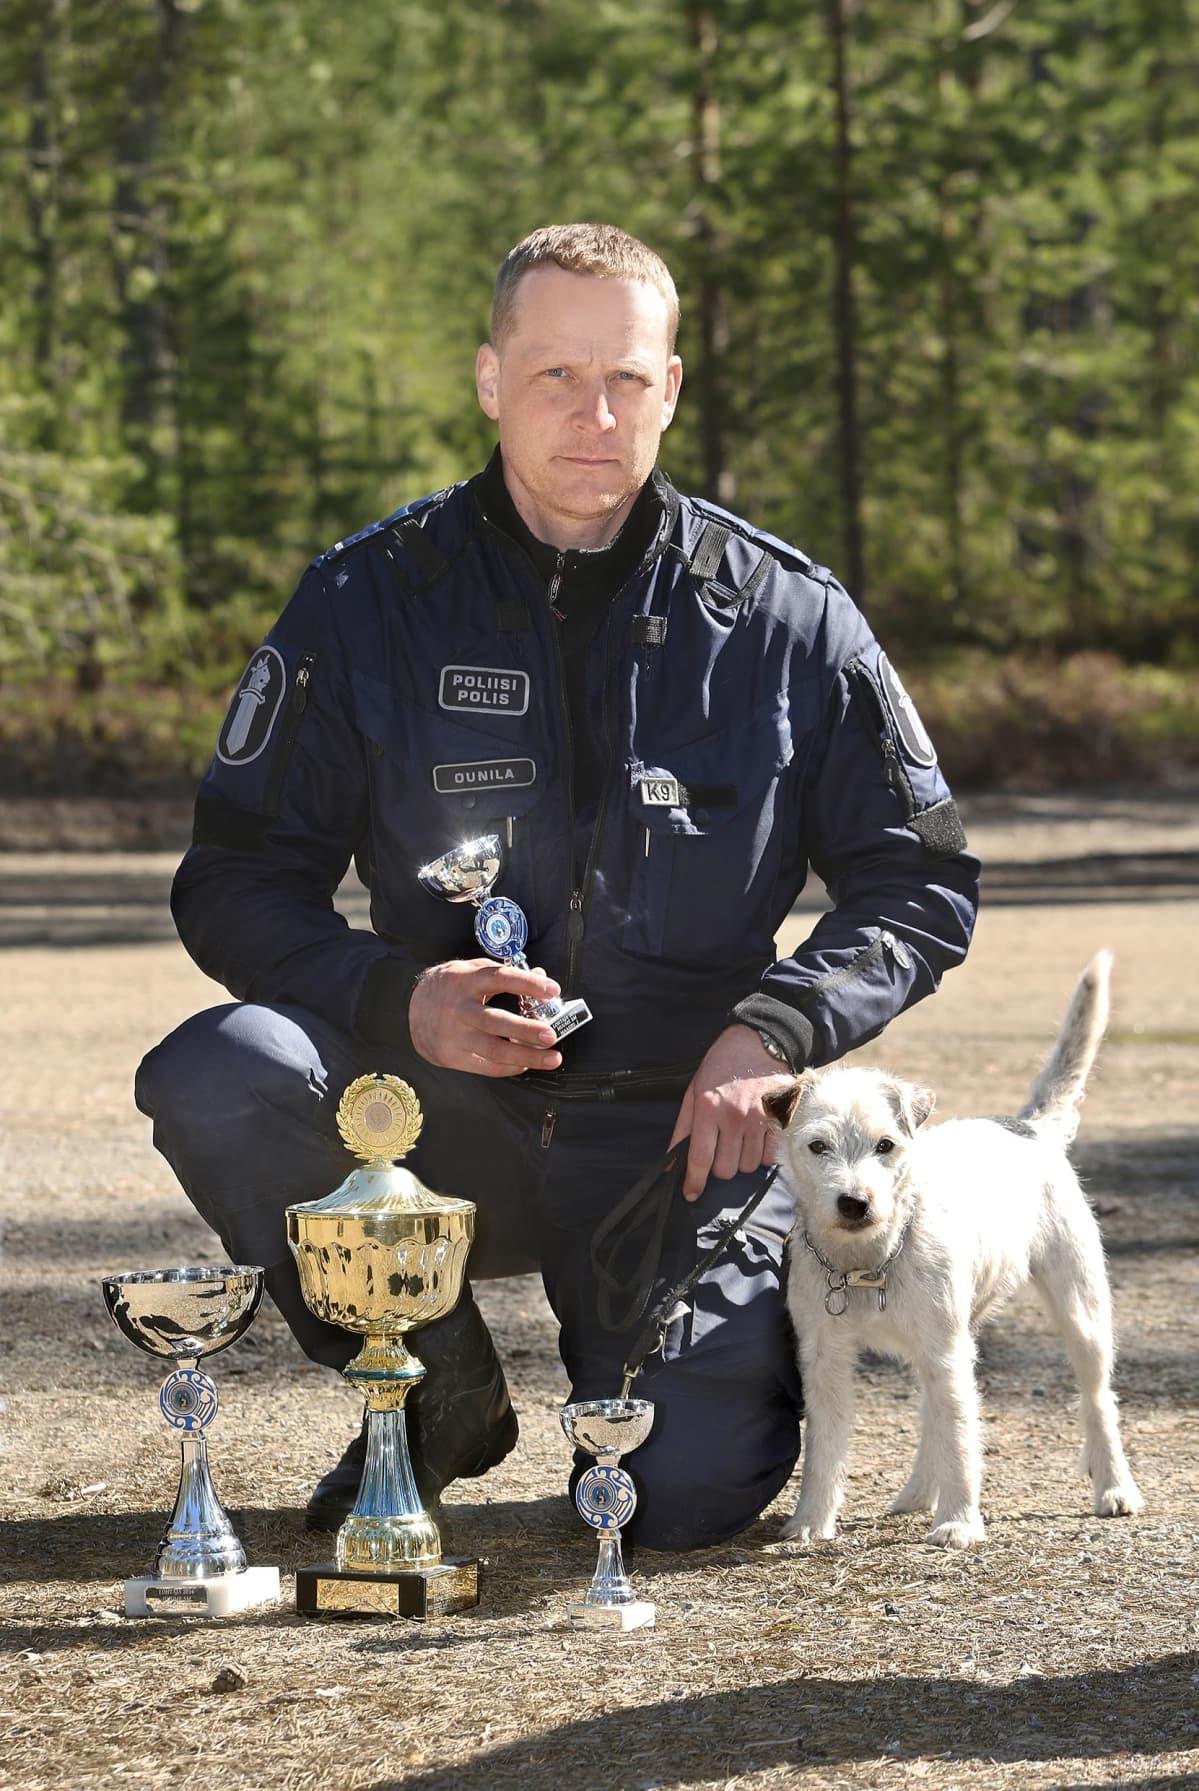 Miikka Ounila ja Jekku-koira voittivat poliisin huumekoirien SM-kisat.